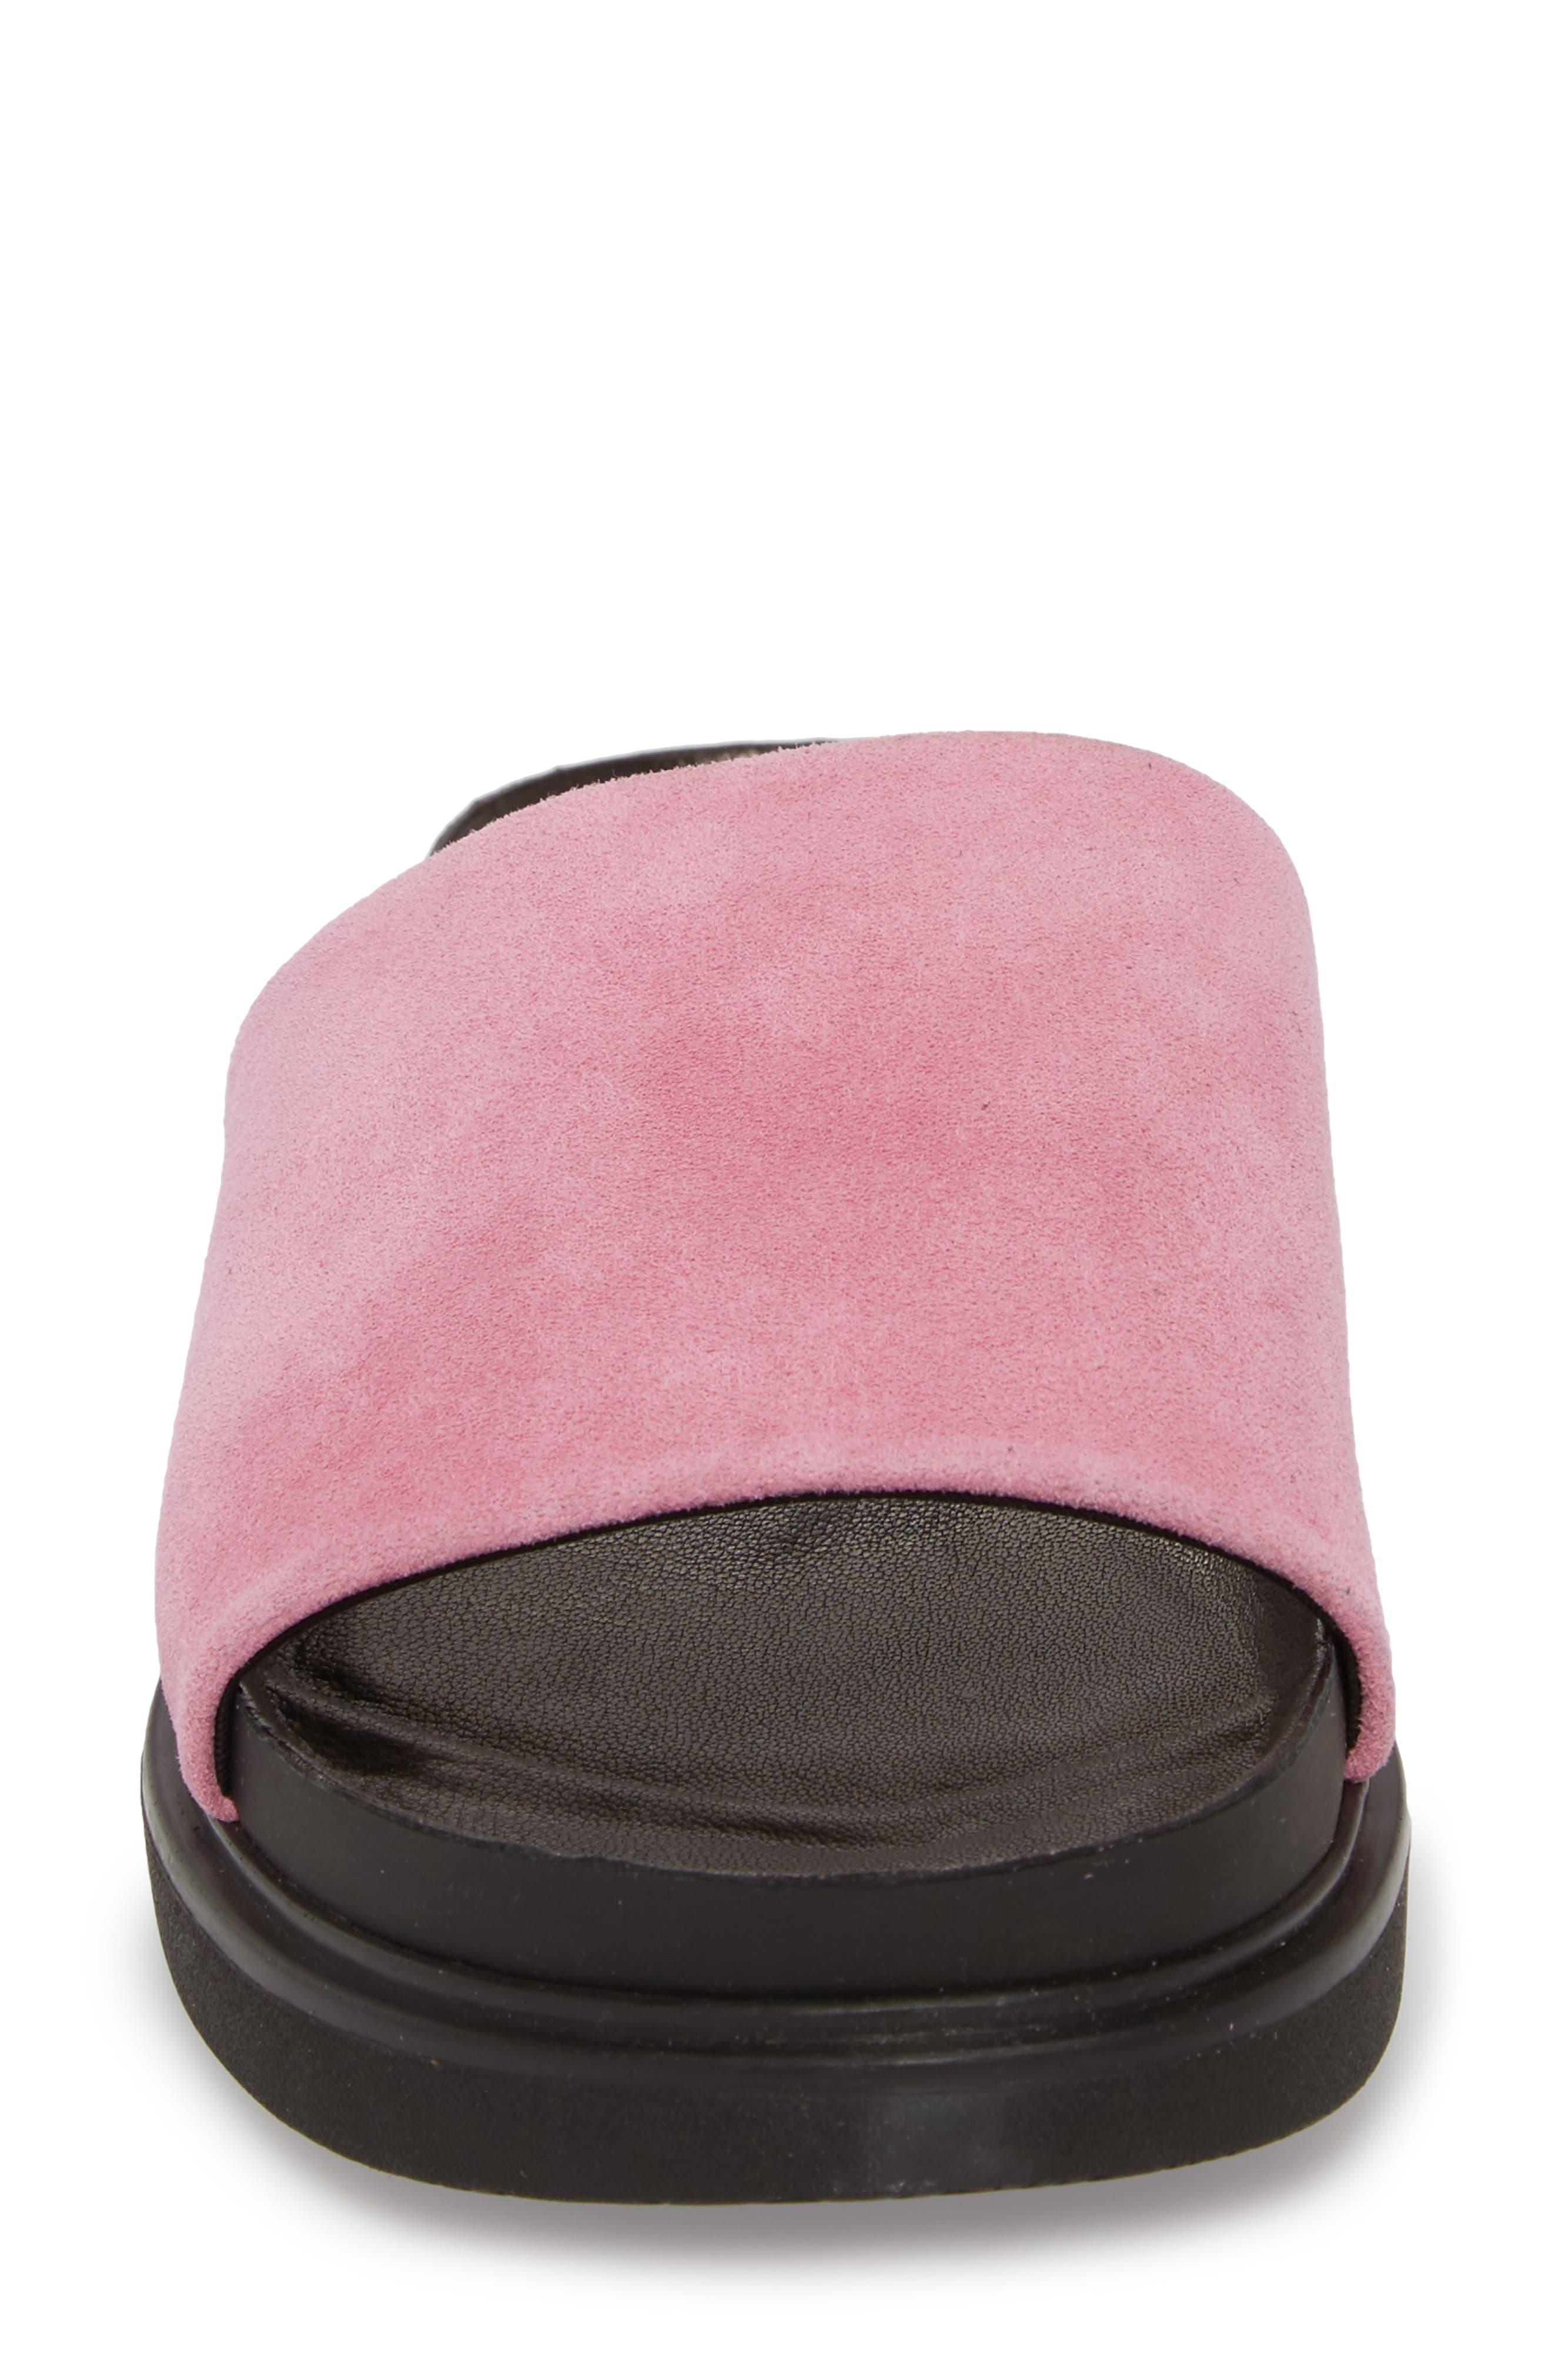 Erin Slide Sandal,                             Alternate thumbnail 4, color,                             Pink Suede